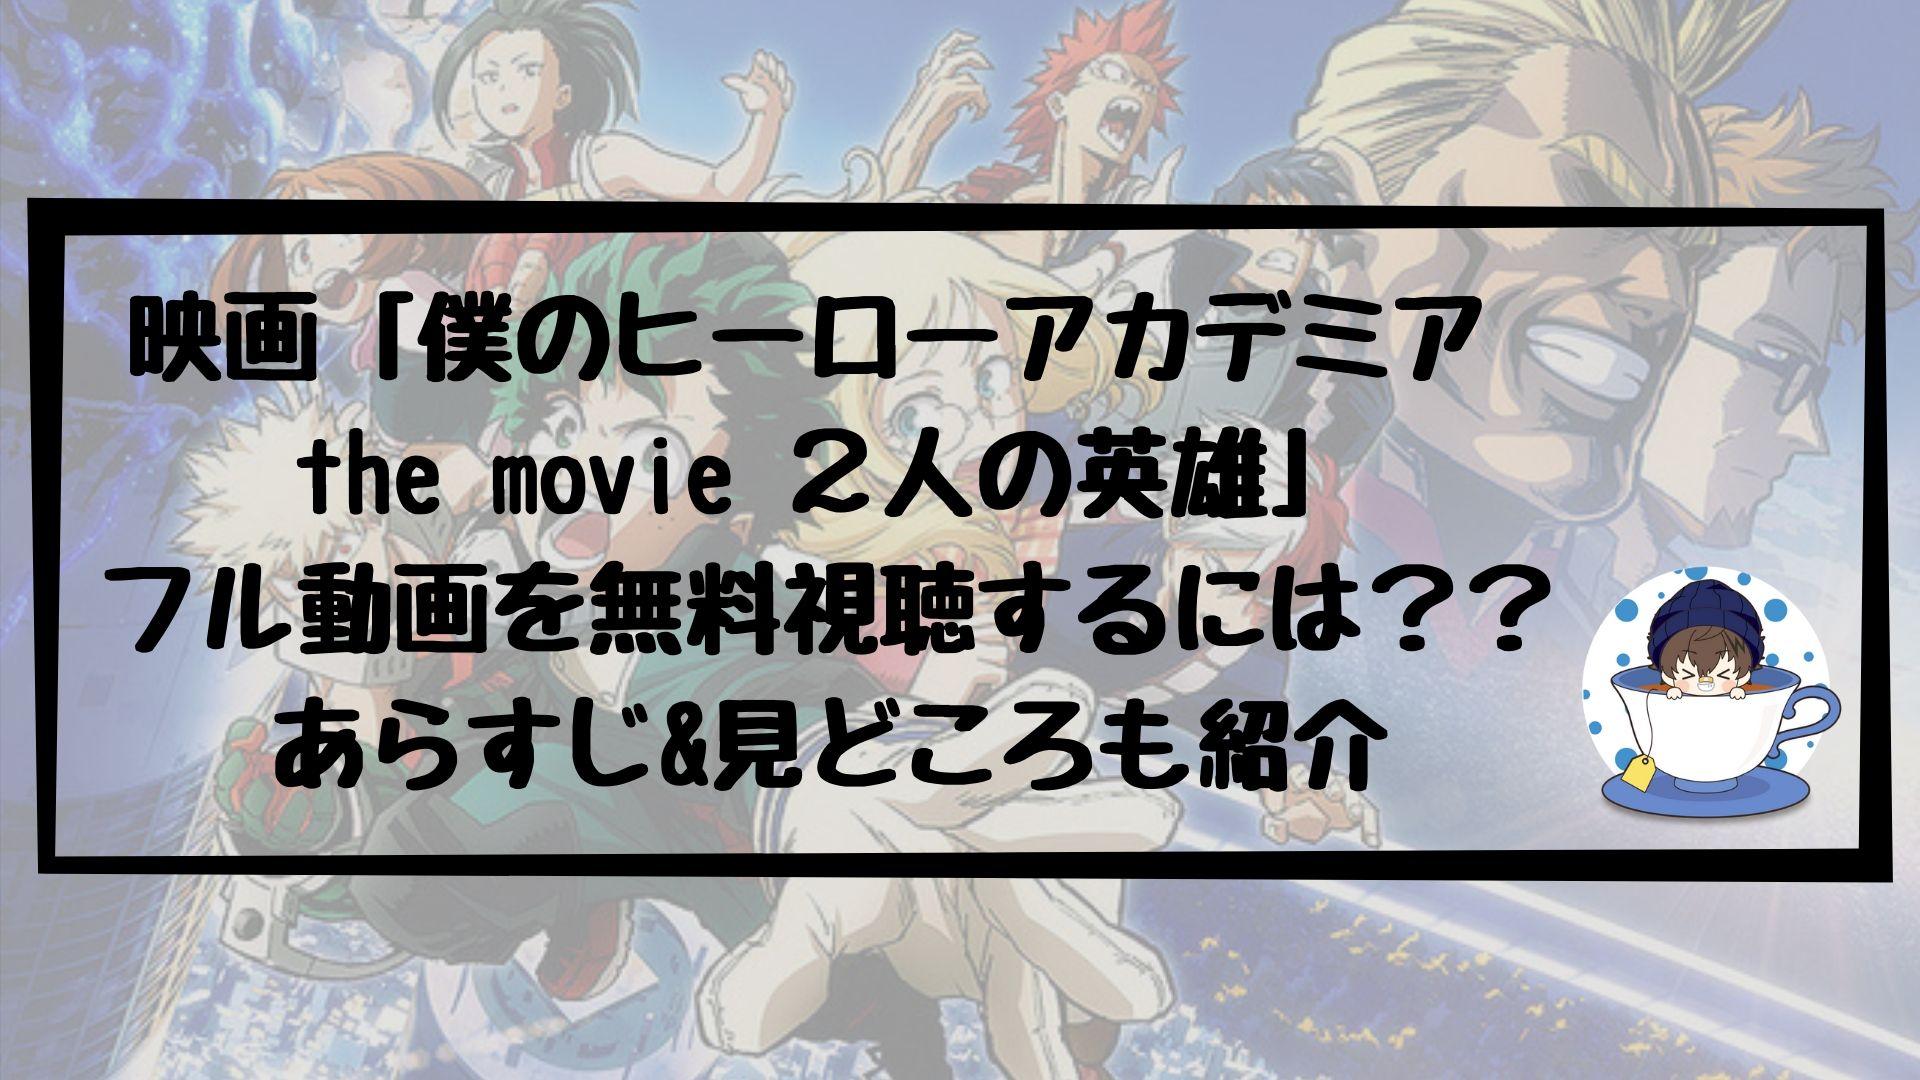 映画「僕のヒーローアカデミア the movie 2人の英雄」フル動画を無料視聴するには??